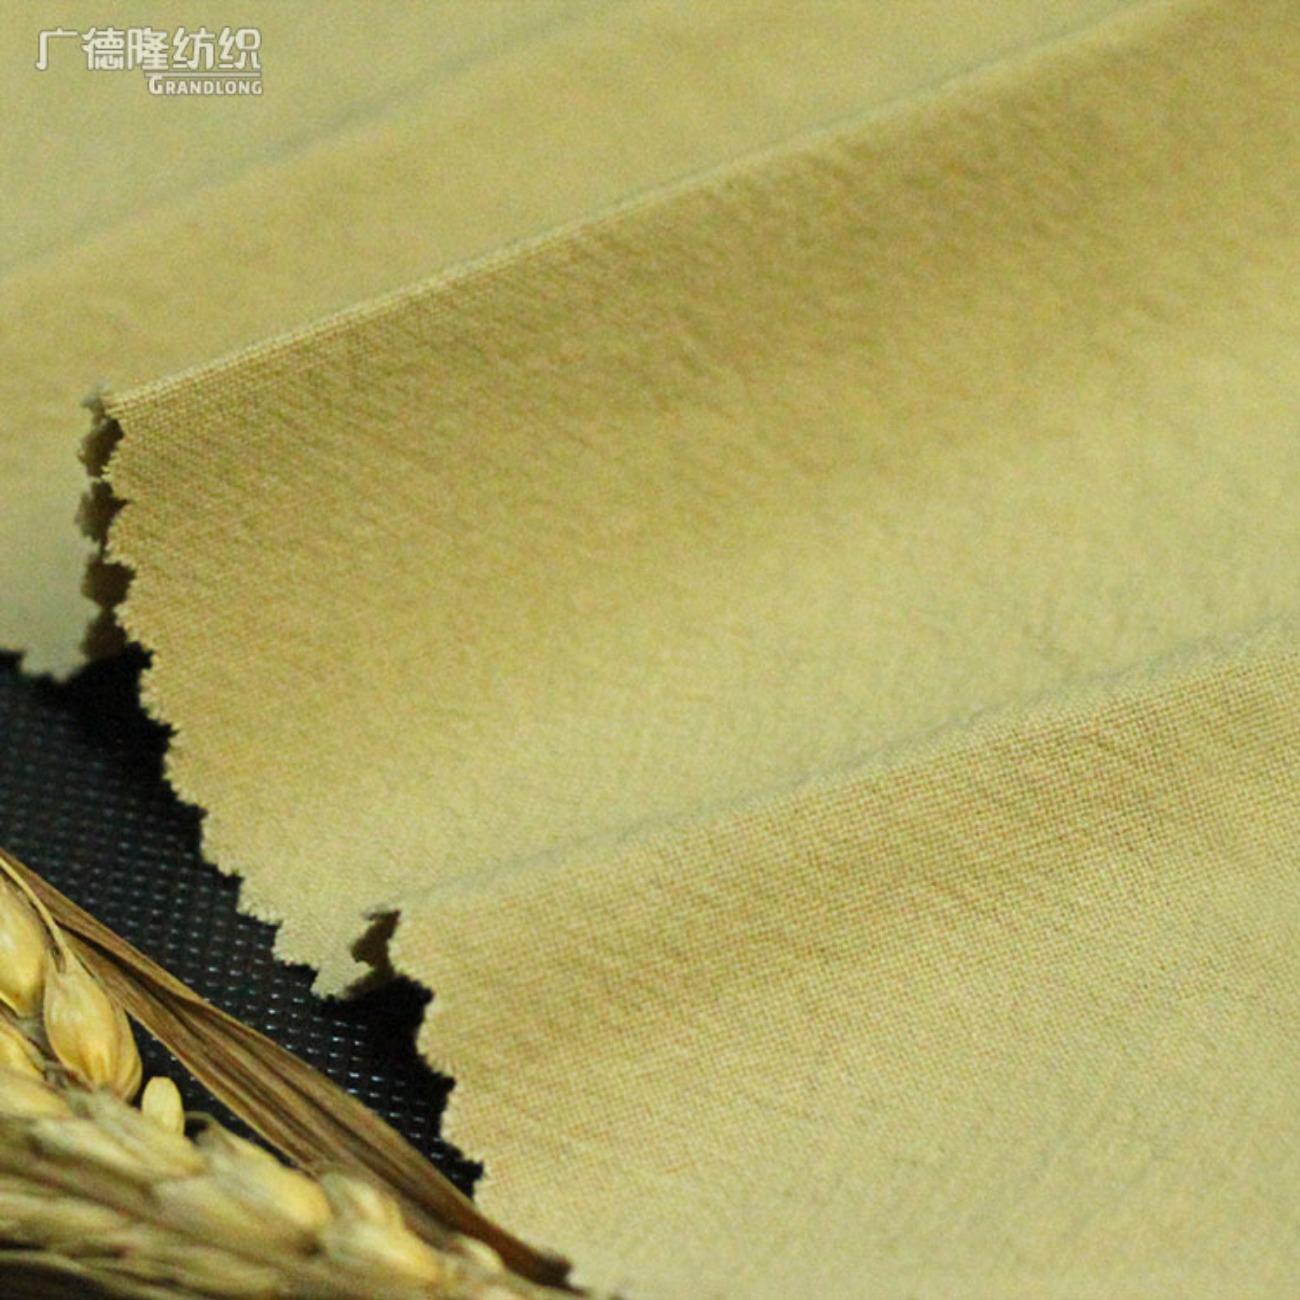 广德隆XW169 纯棉优质仿麻感平纹洗水休闲面料 时尚家庭装饰桌布台布套罩 礼服裙子裤子衬衣外套风衣鞋子帽子箱包手提袋